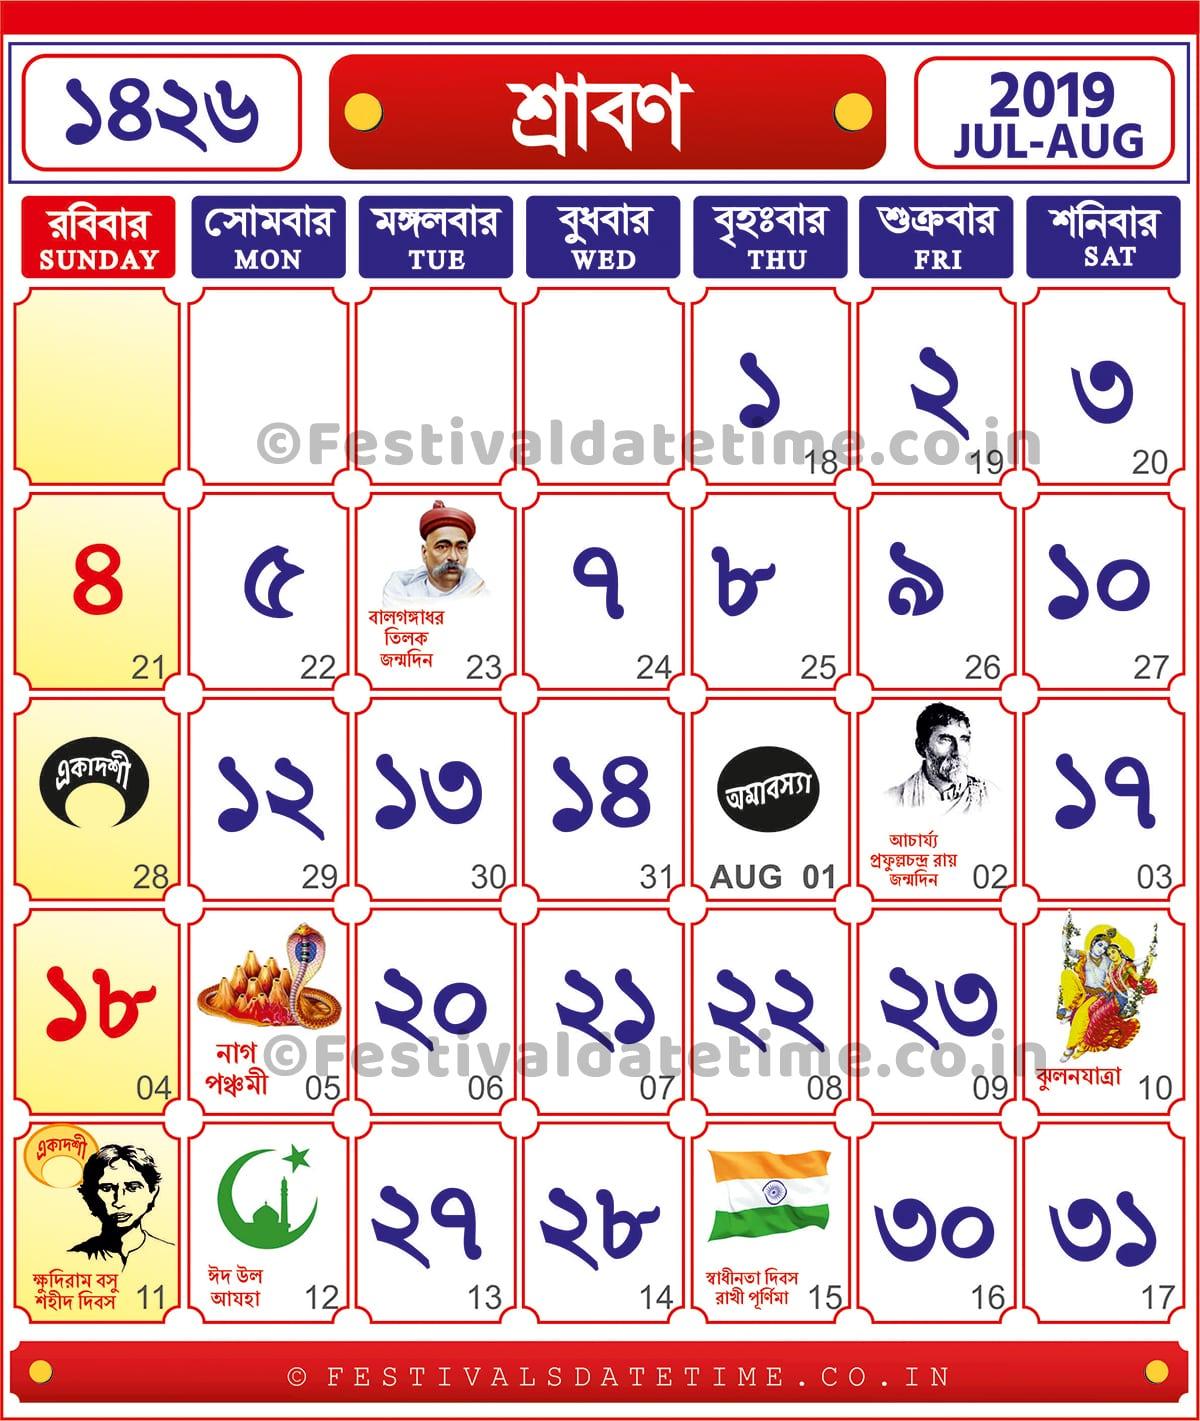 1426 Shraban : 1426 Bengali Calendar, Bengali Calendar 2019 in Bengali Calendar 1426 Bhadra